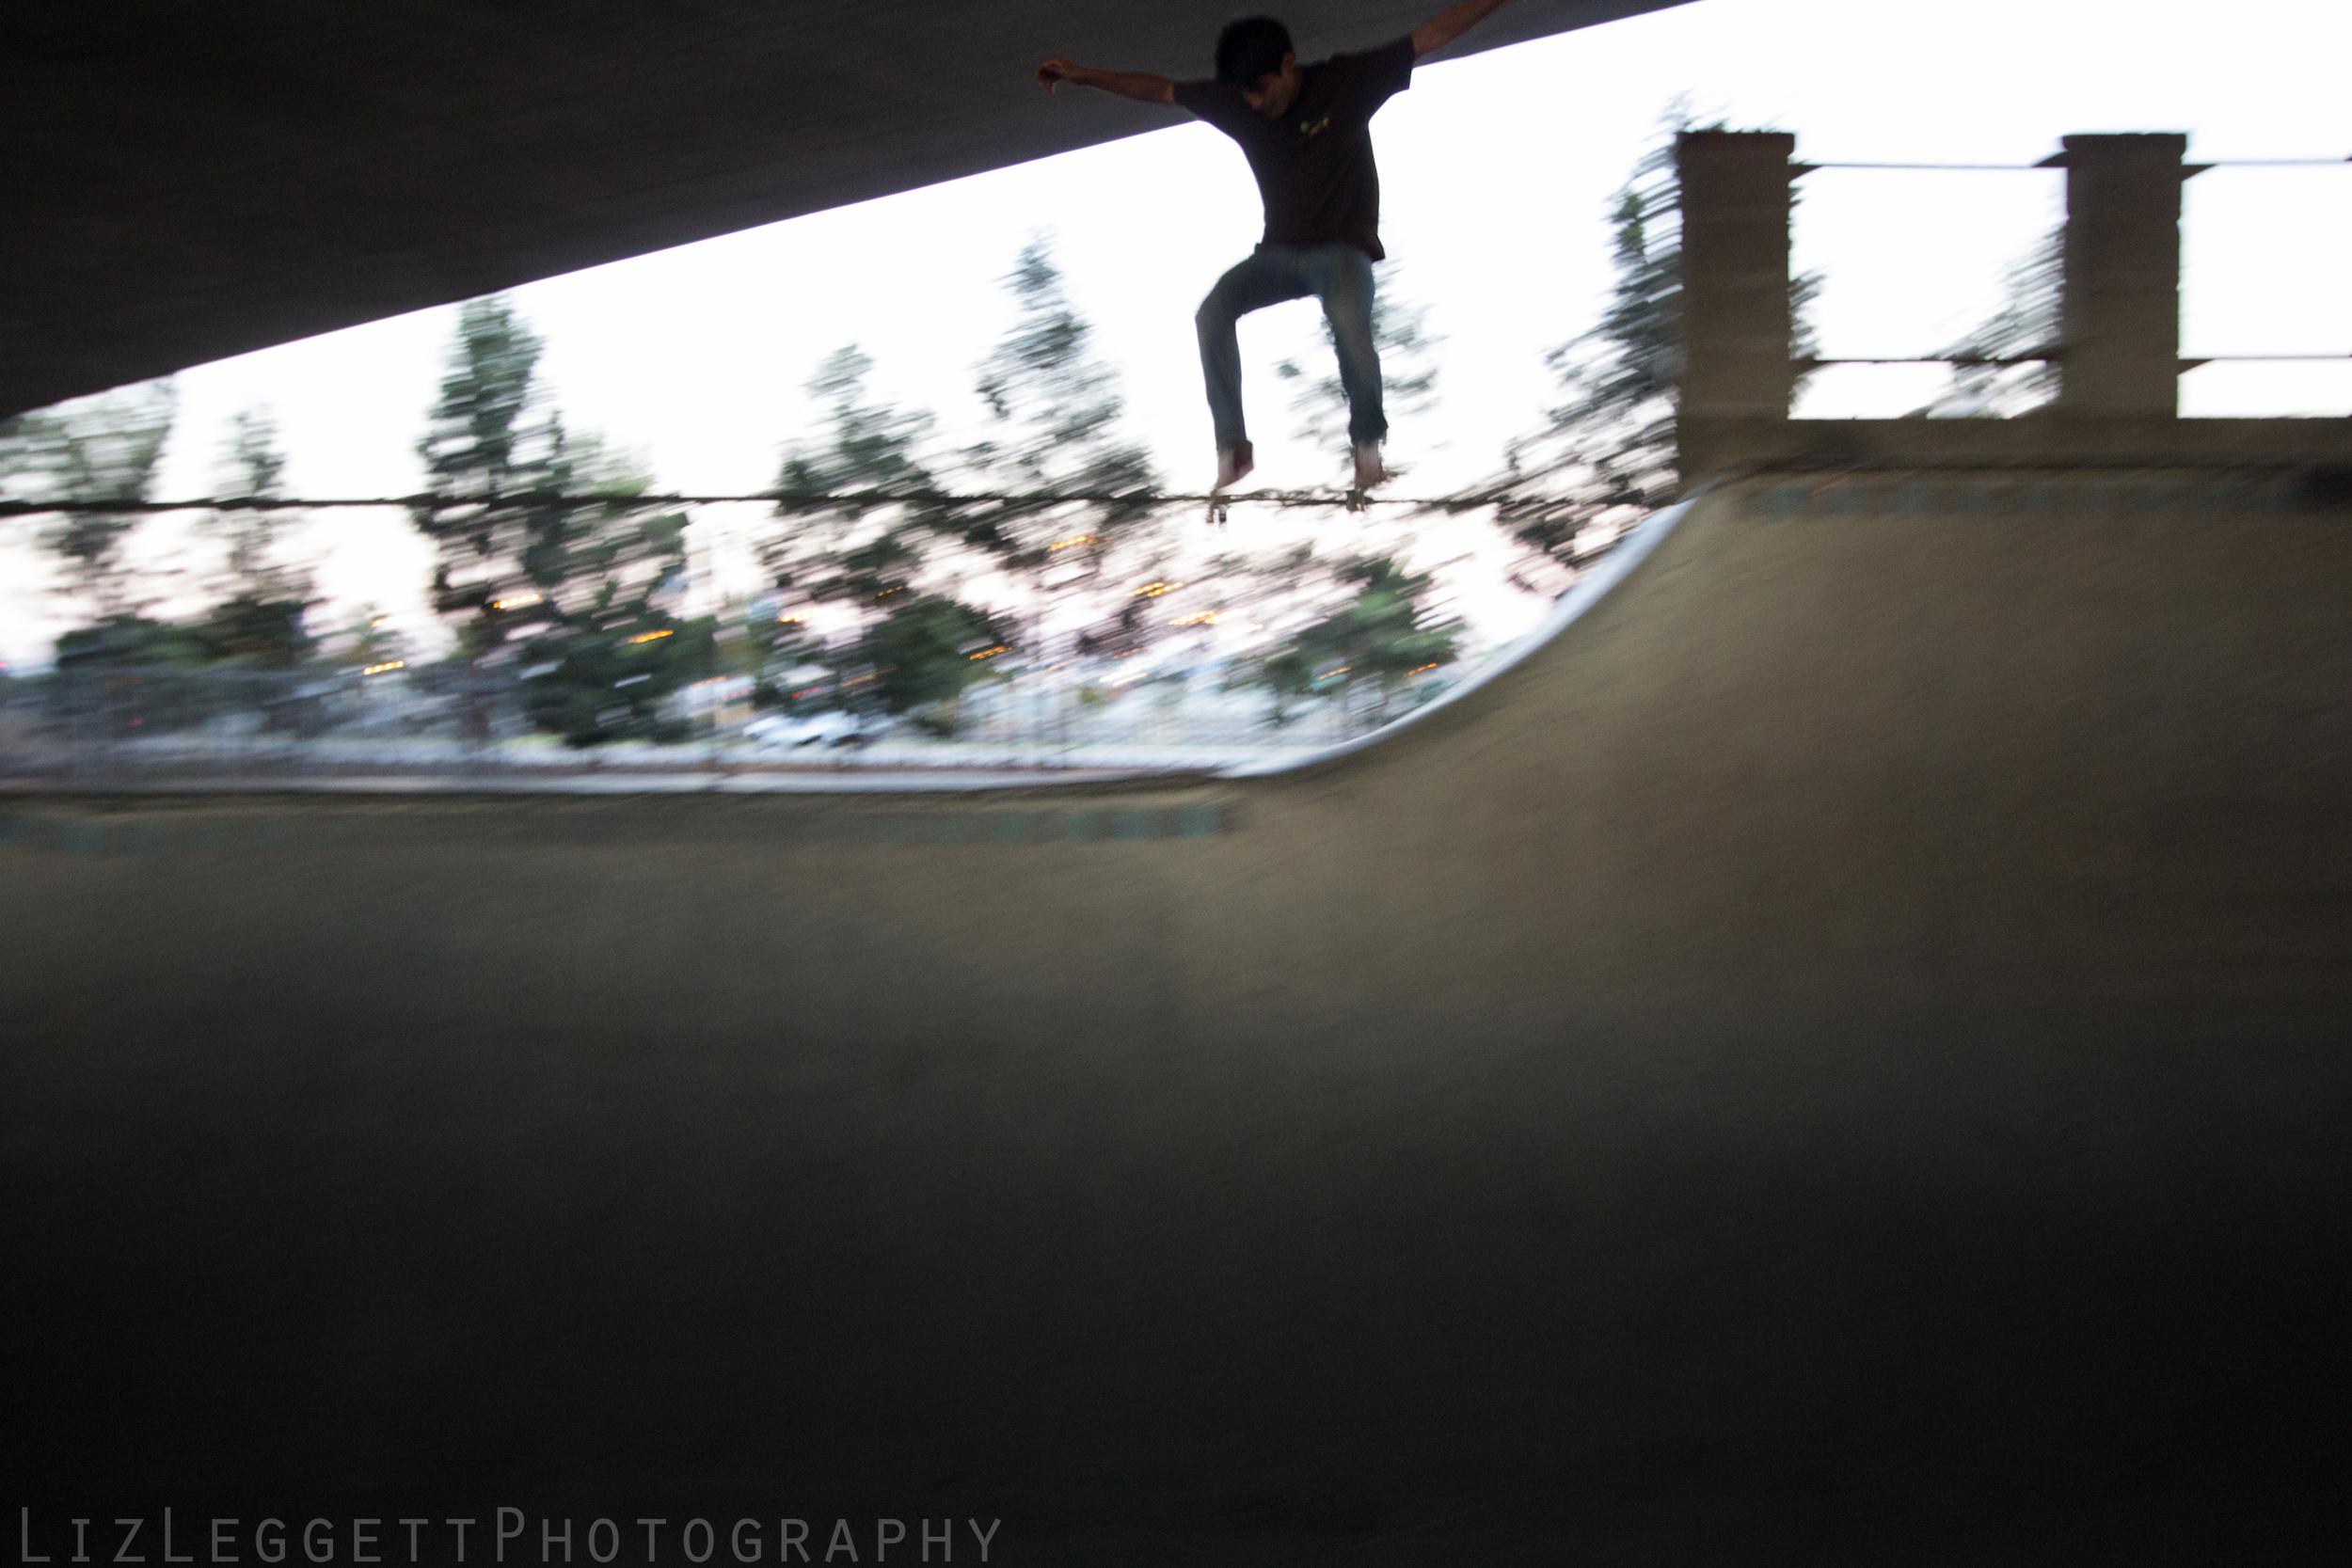 liz_leggett_photography_skatepark_watermarked-0252.jpg